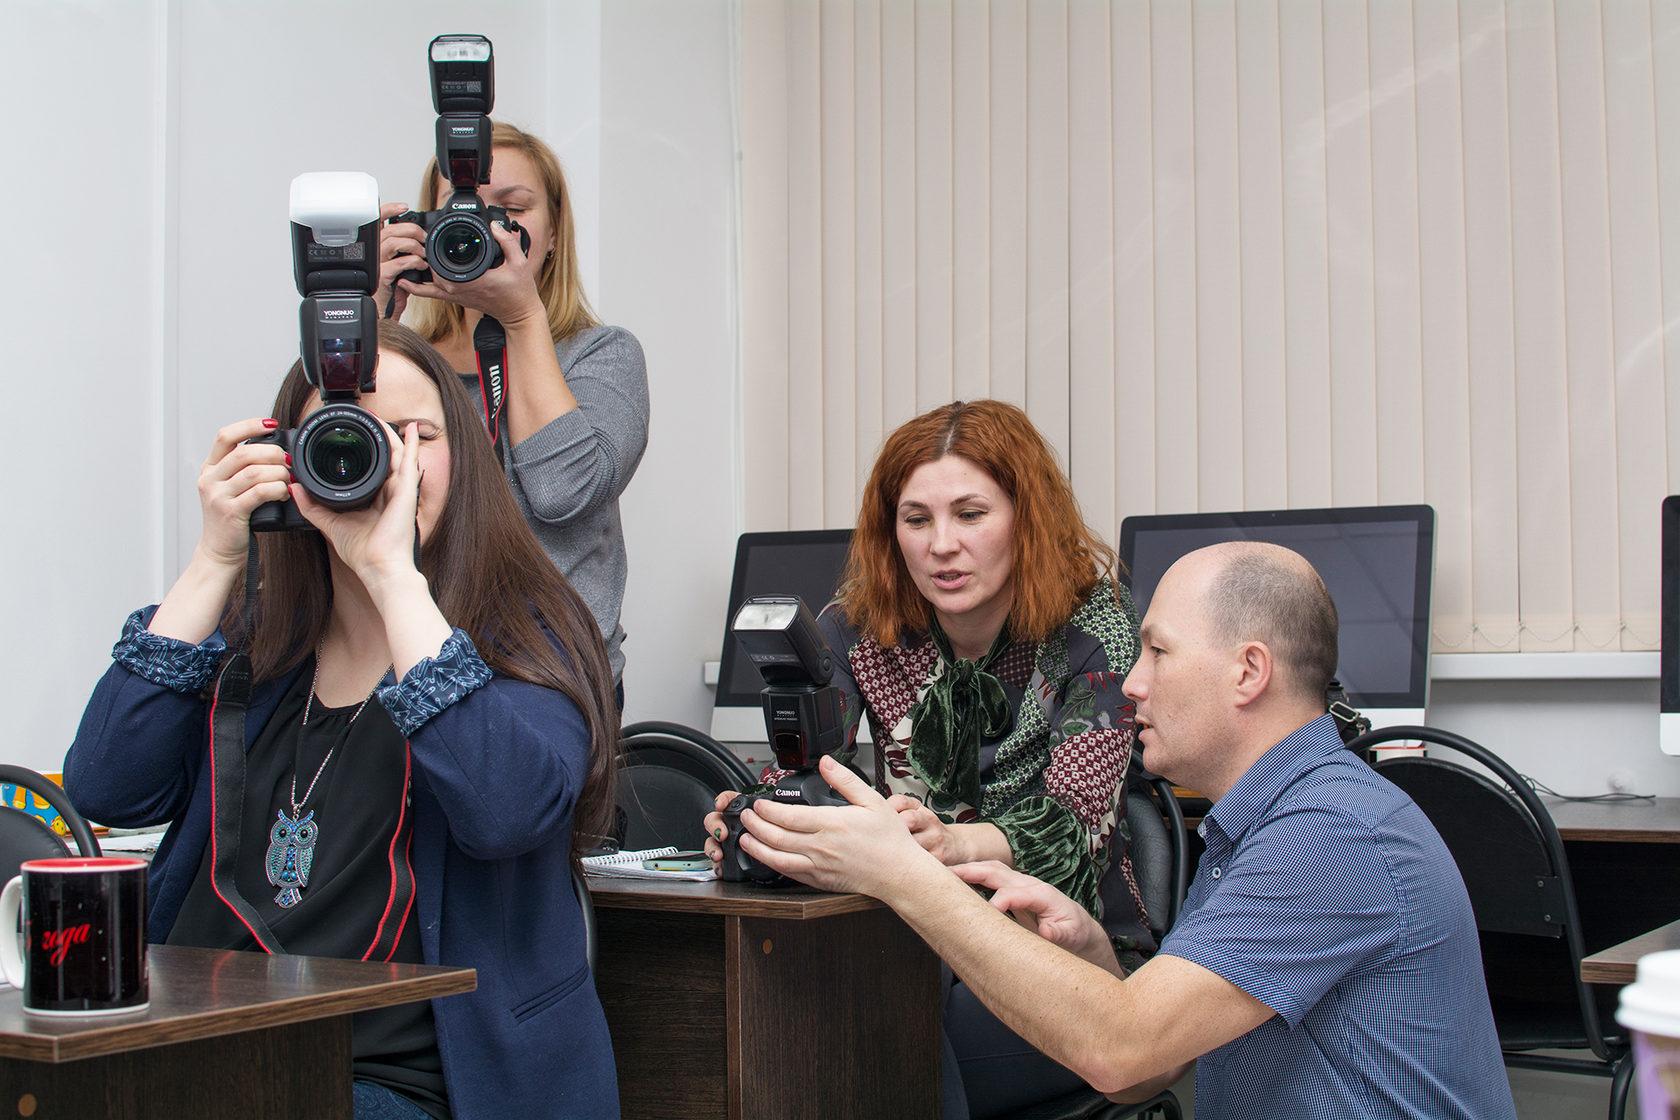 курсы для фотографов петербург впечатление мурманске твоим